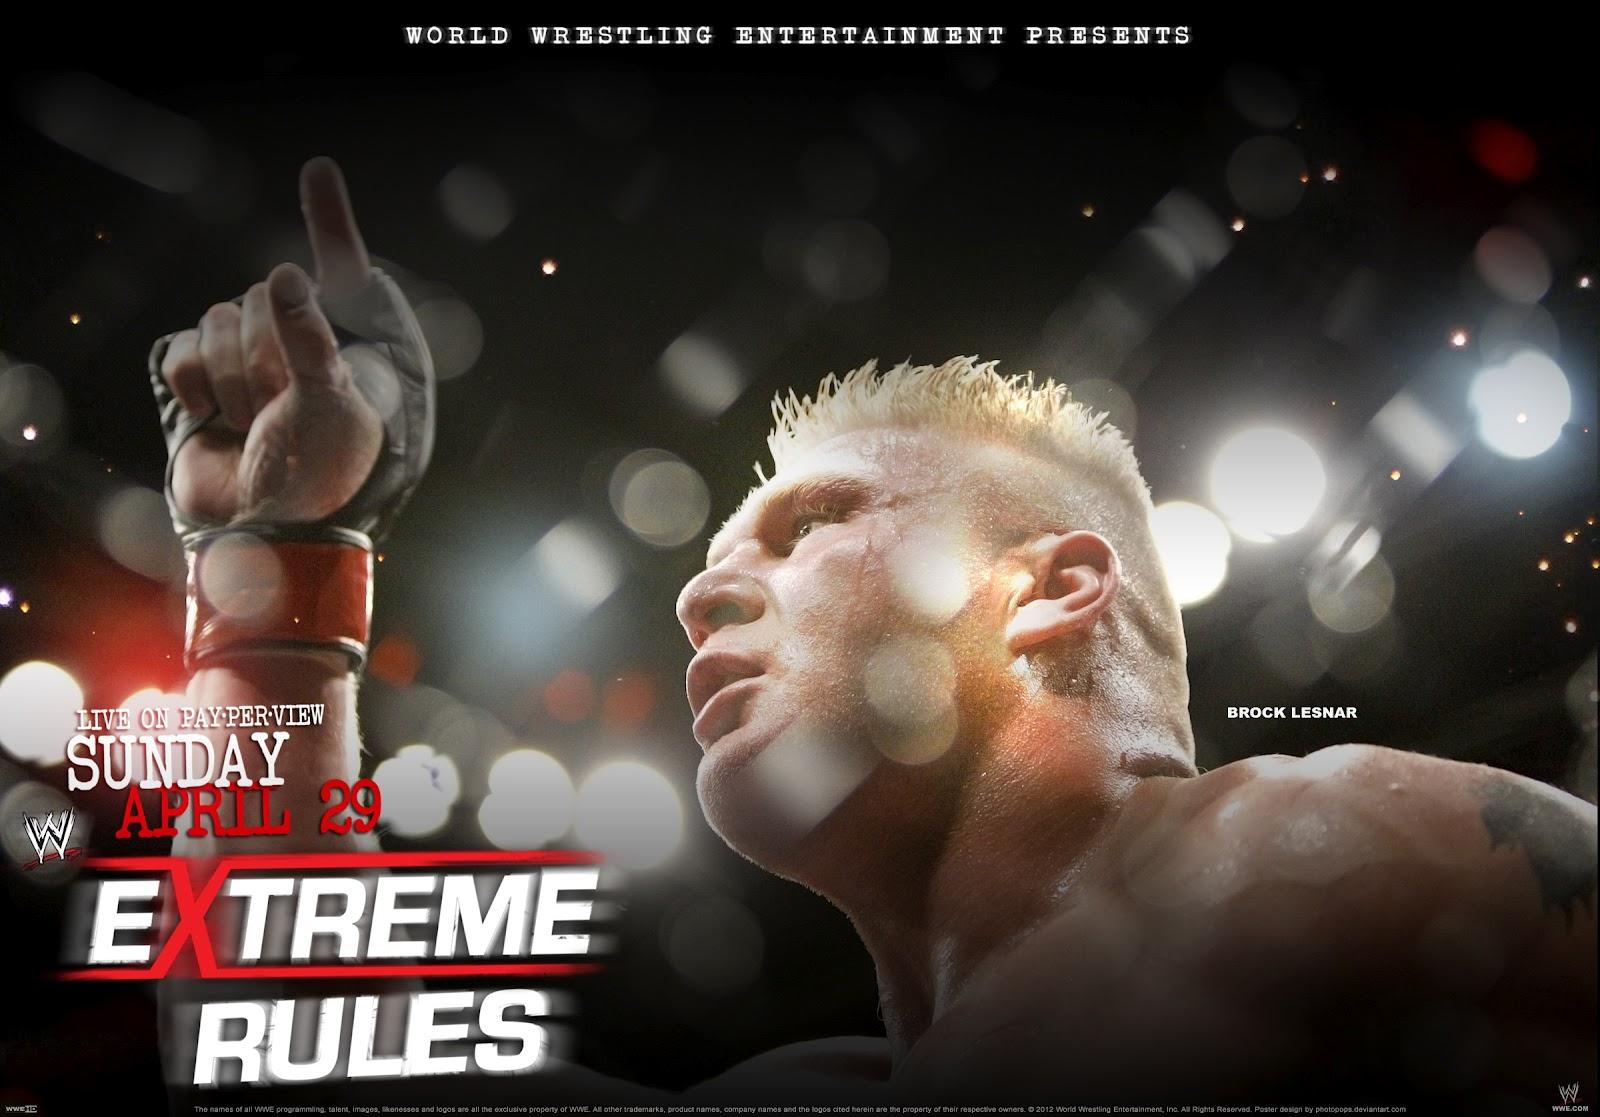 50+ Brock Lesnar Logo Wallpapers on WallpaperSafari